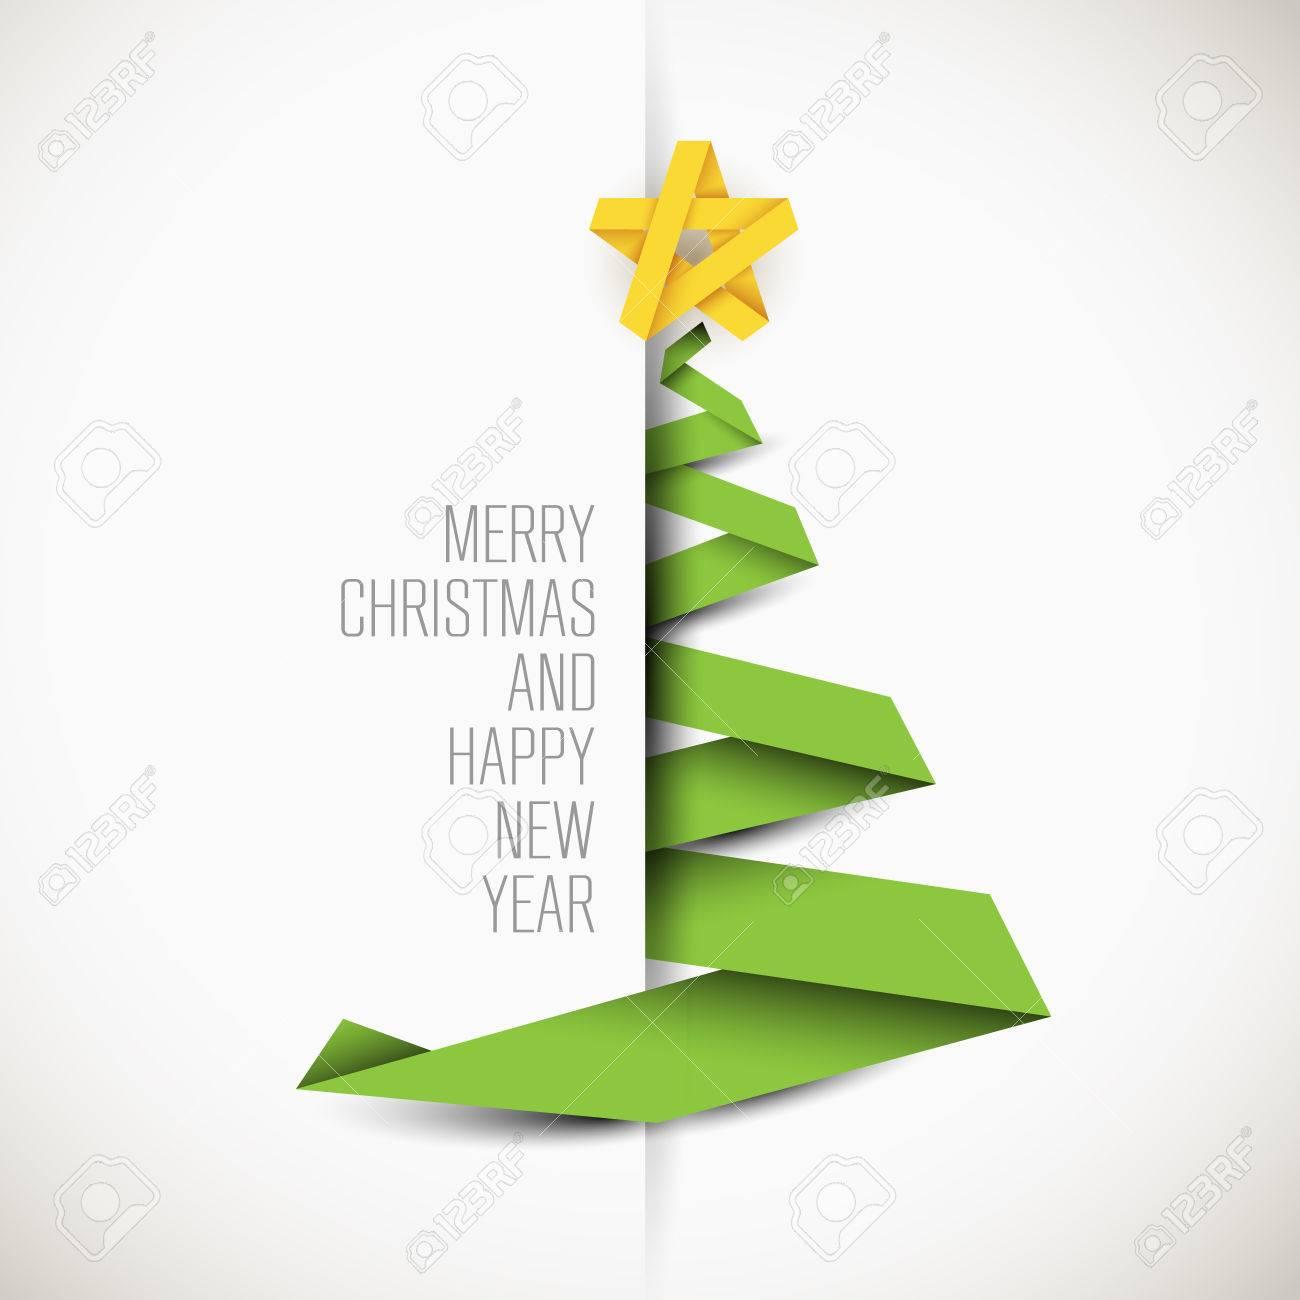 Tarjeta Simple Del Vector Con El Arbol De Navidad Verde Hecho De La - Tarjeta-de-navidad-original